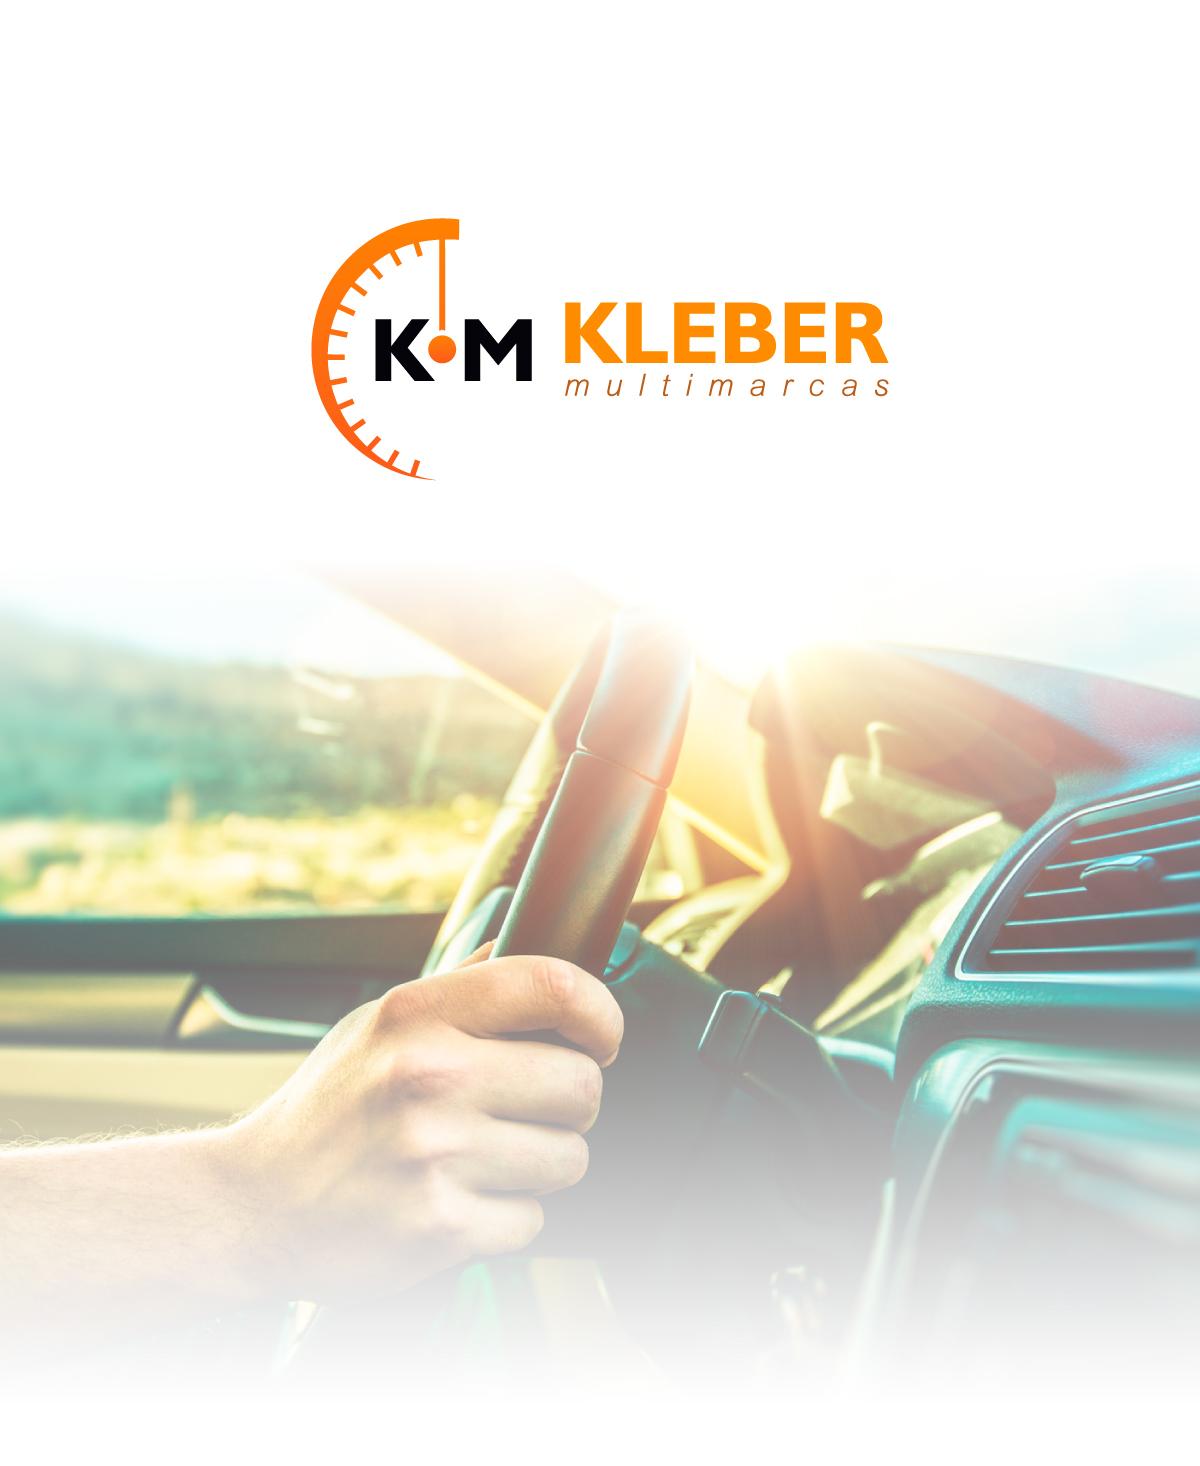 web4-comunicacao-identidade-site-facebook-kleber-portfolio-logo